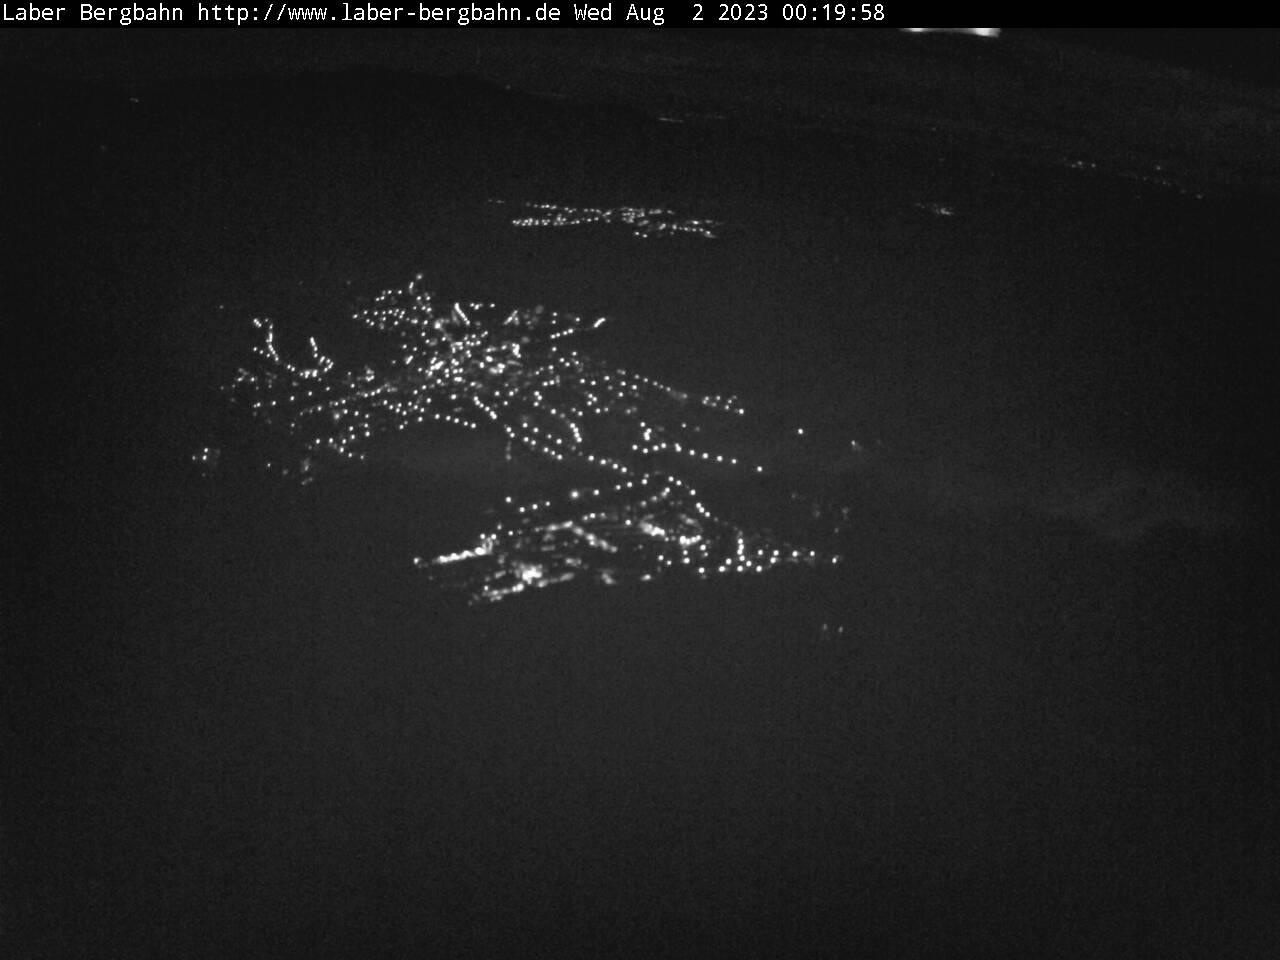 Webcam Blick auf Oberammergau